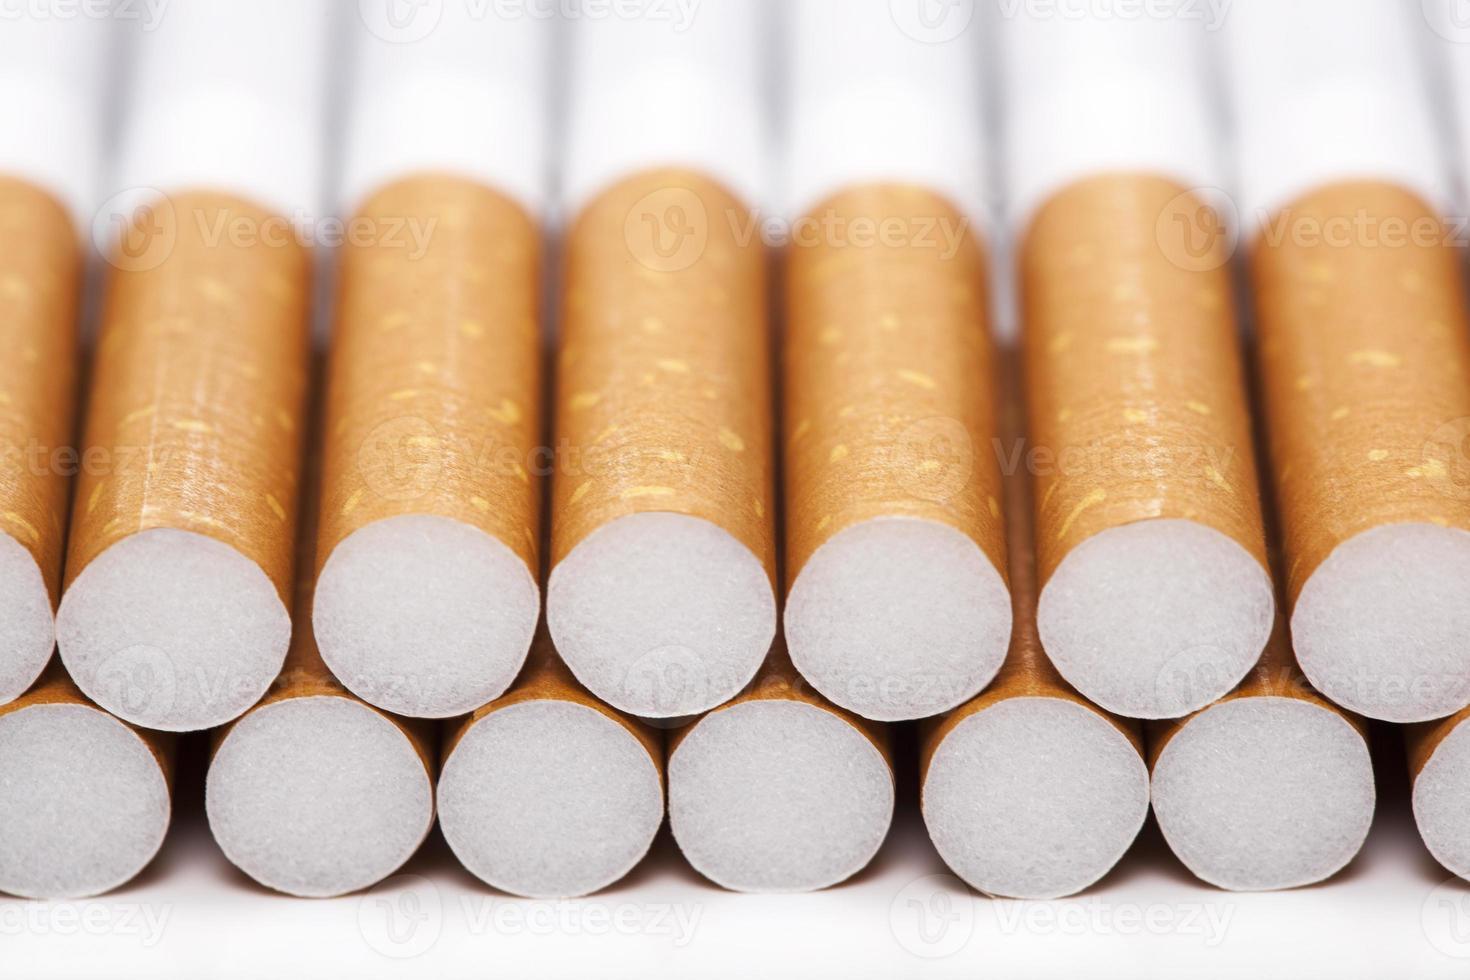 sigaretten, geïsoleerd op een wit foto